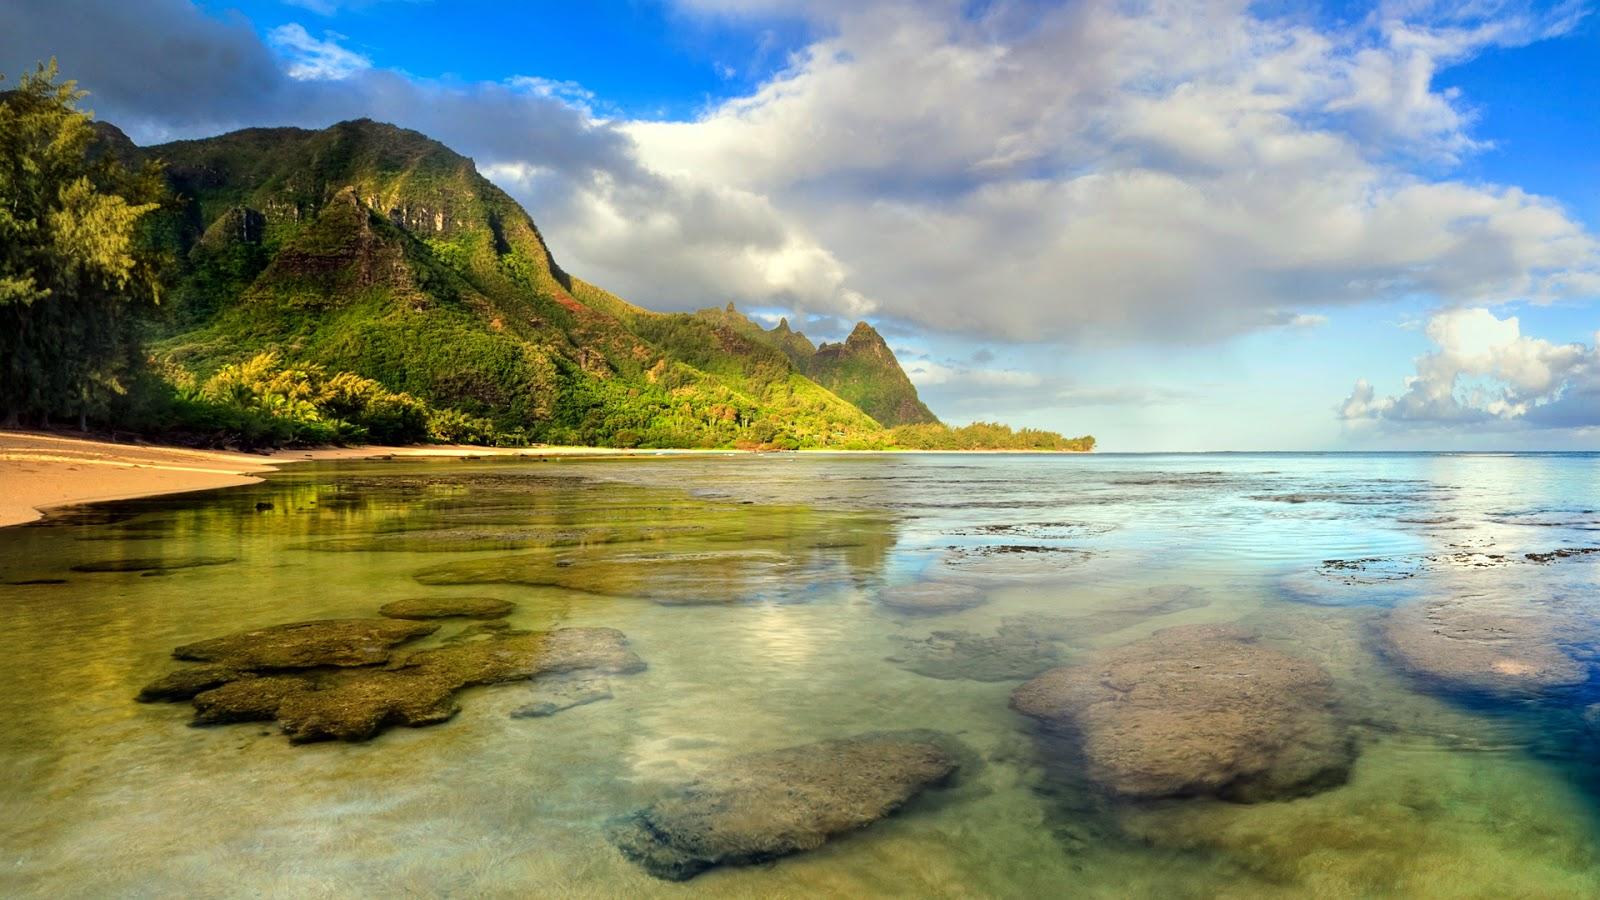 Beach Kauai